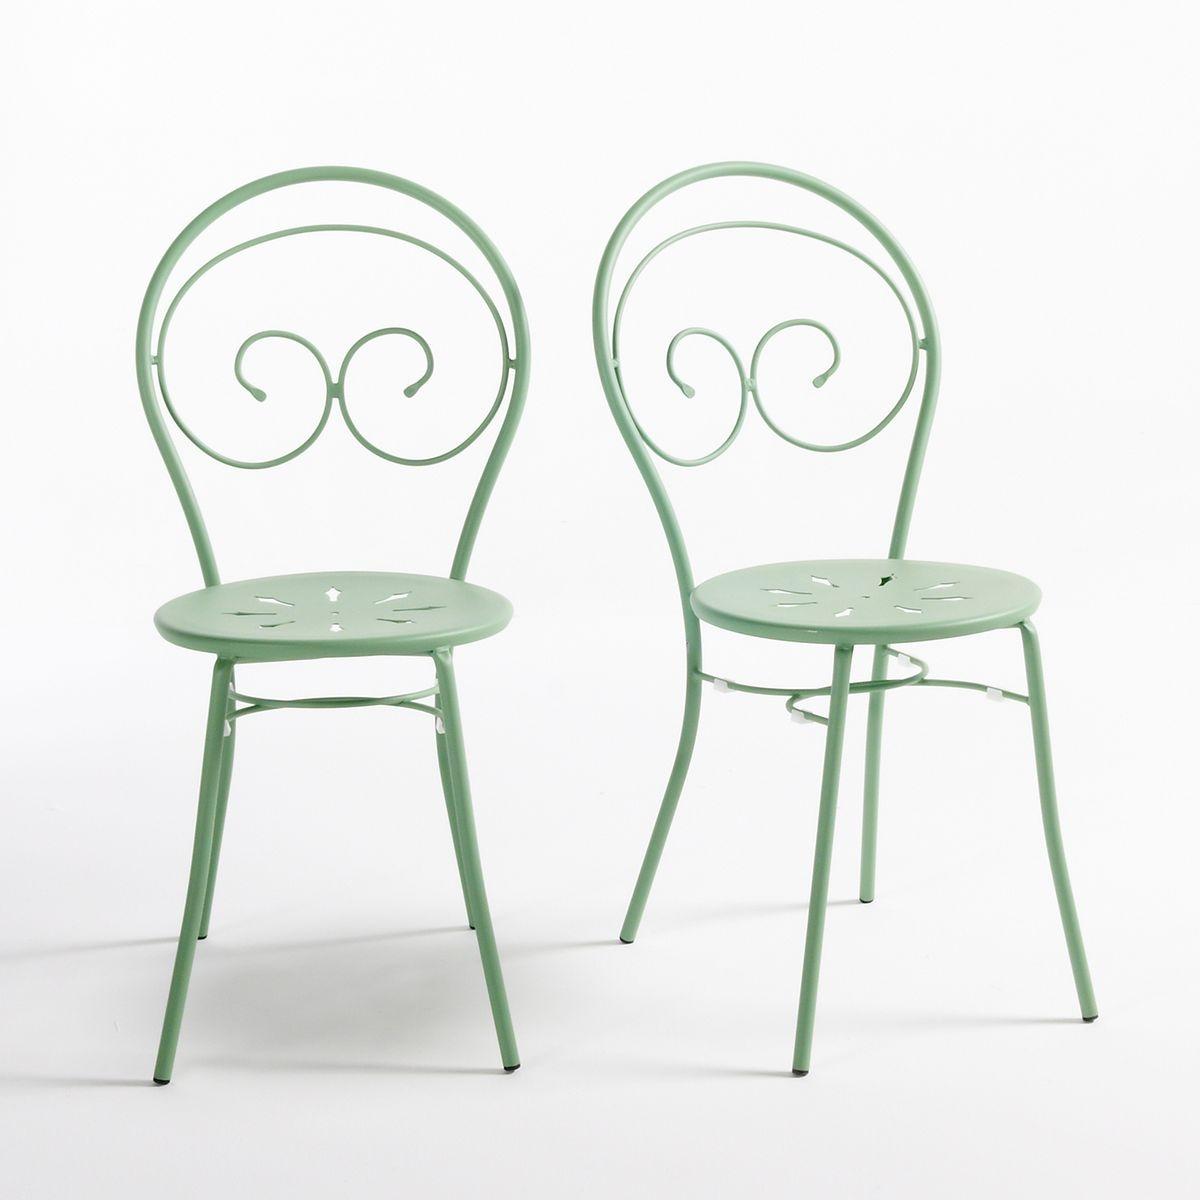 bien choisir une chaise de jardin en fer forg pas ch re. Black Bedroom Furniture Sets. Home Design Ideas